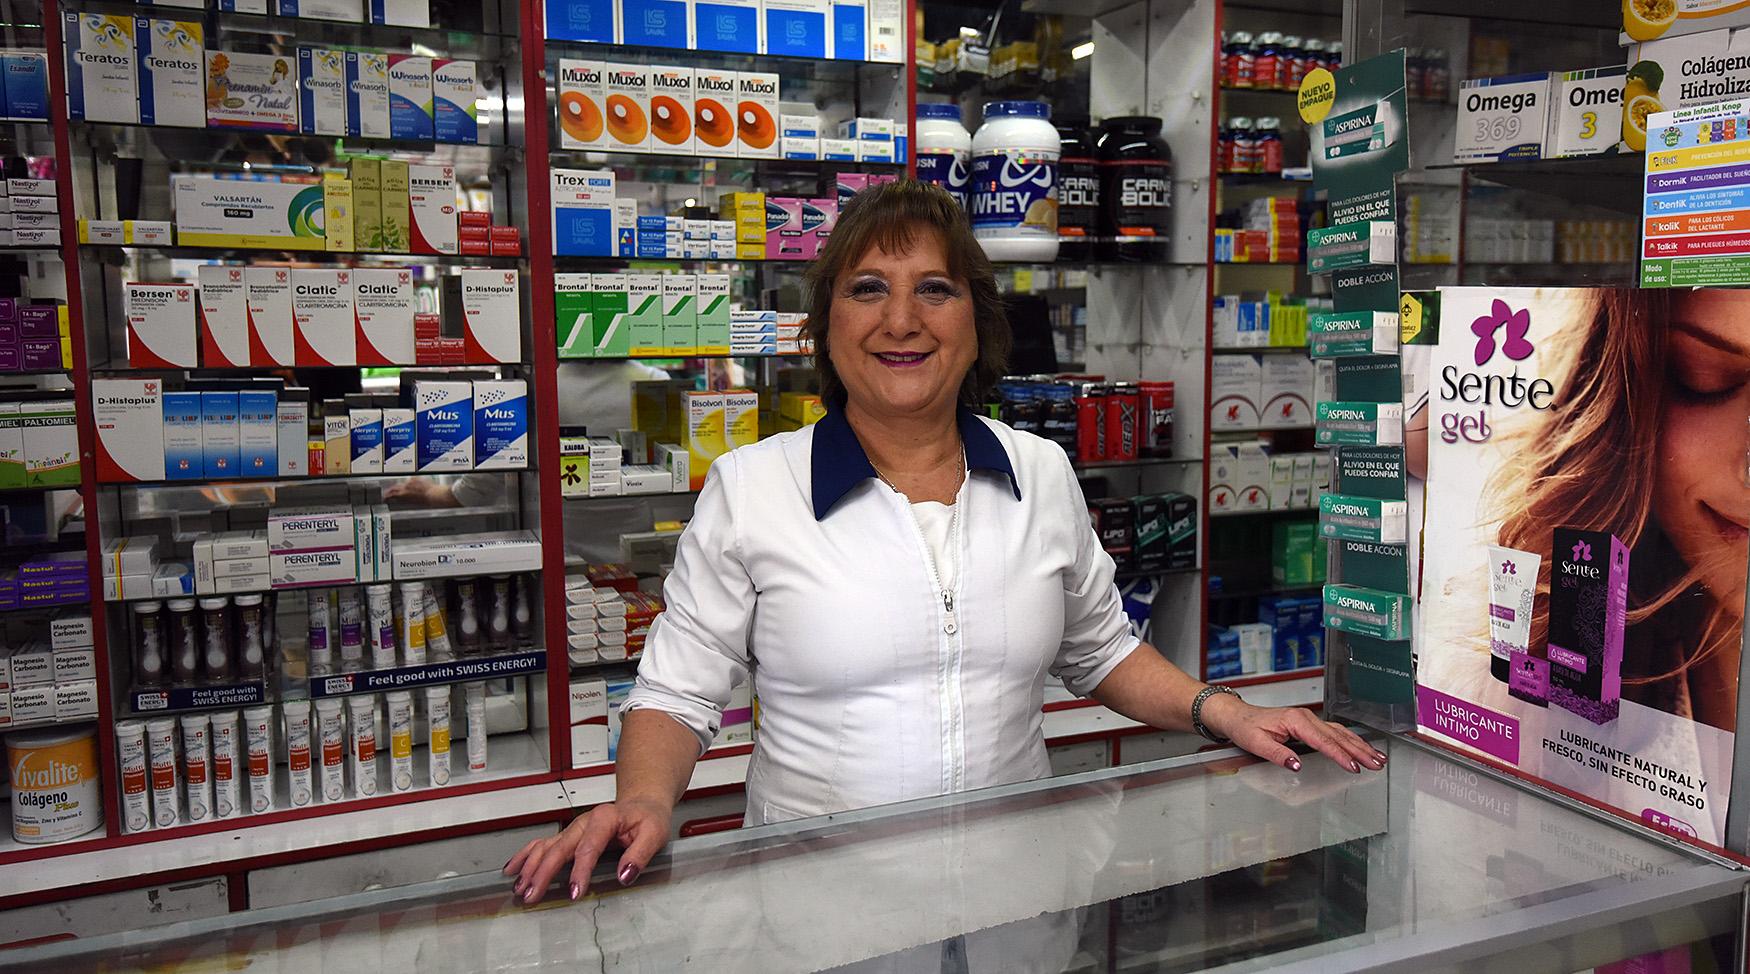 Carmen Gloria (61) atiende a los clientes que llegan a la farmacia de pajaritos